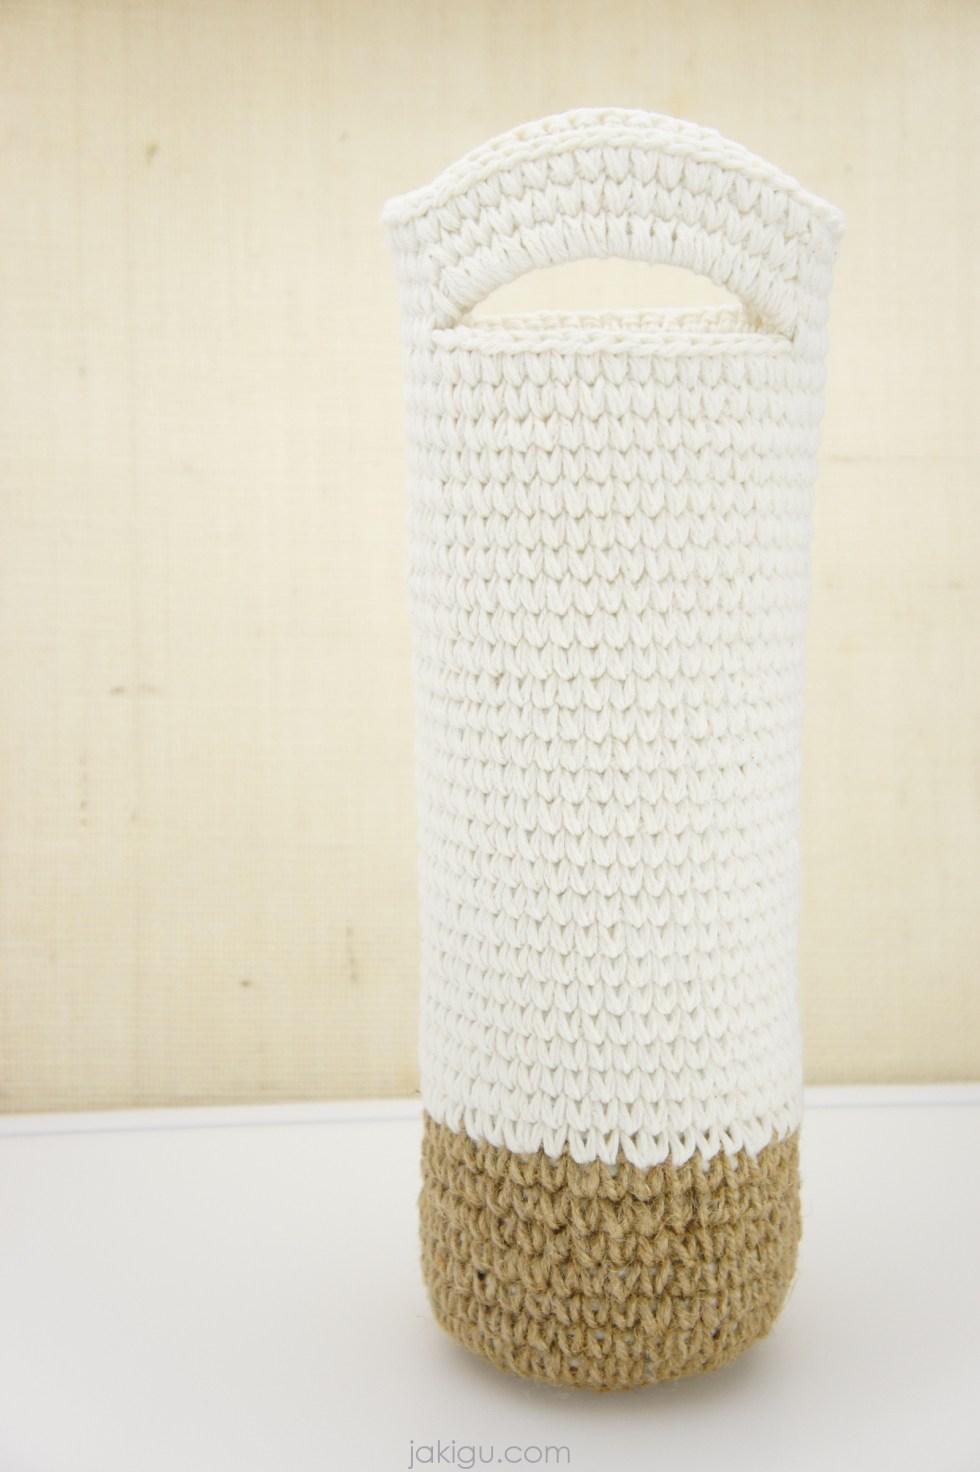 Wine Bottle Cover / Cozy - crochet pattern by jakigu.com